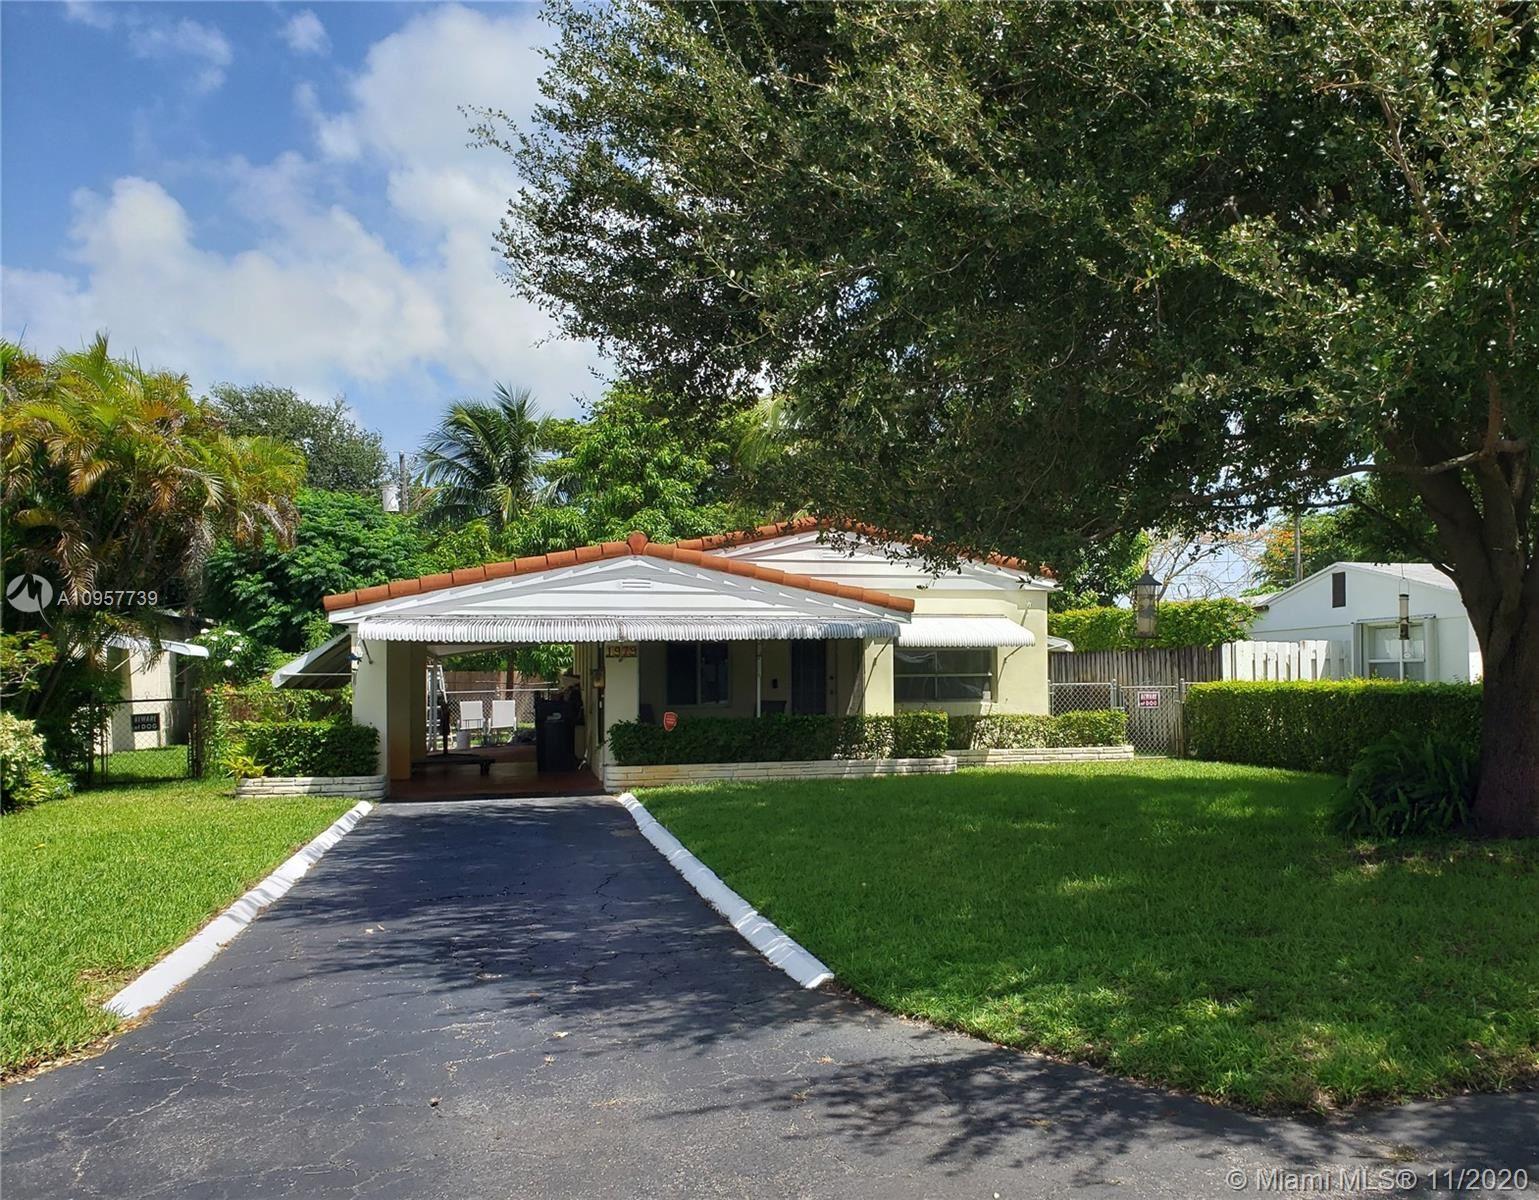 1979 NE 174th St, North Miami Beach, FL 33162 - #: A10957739